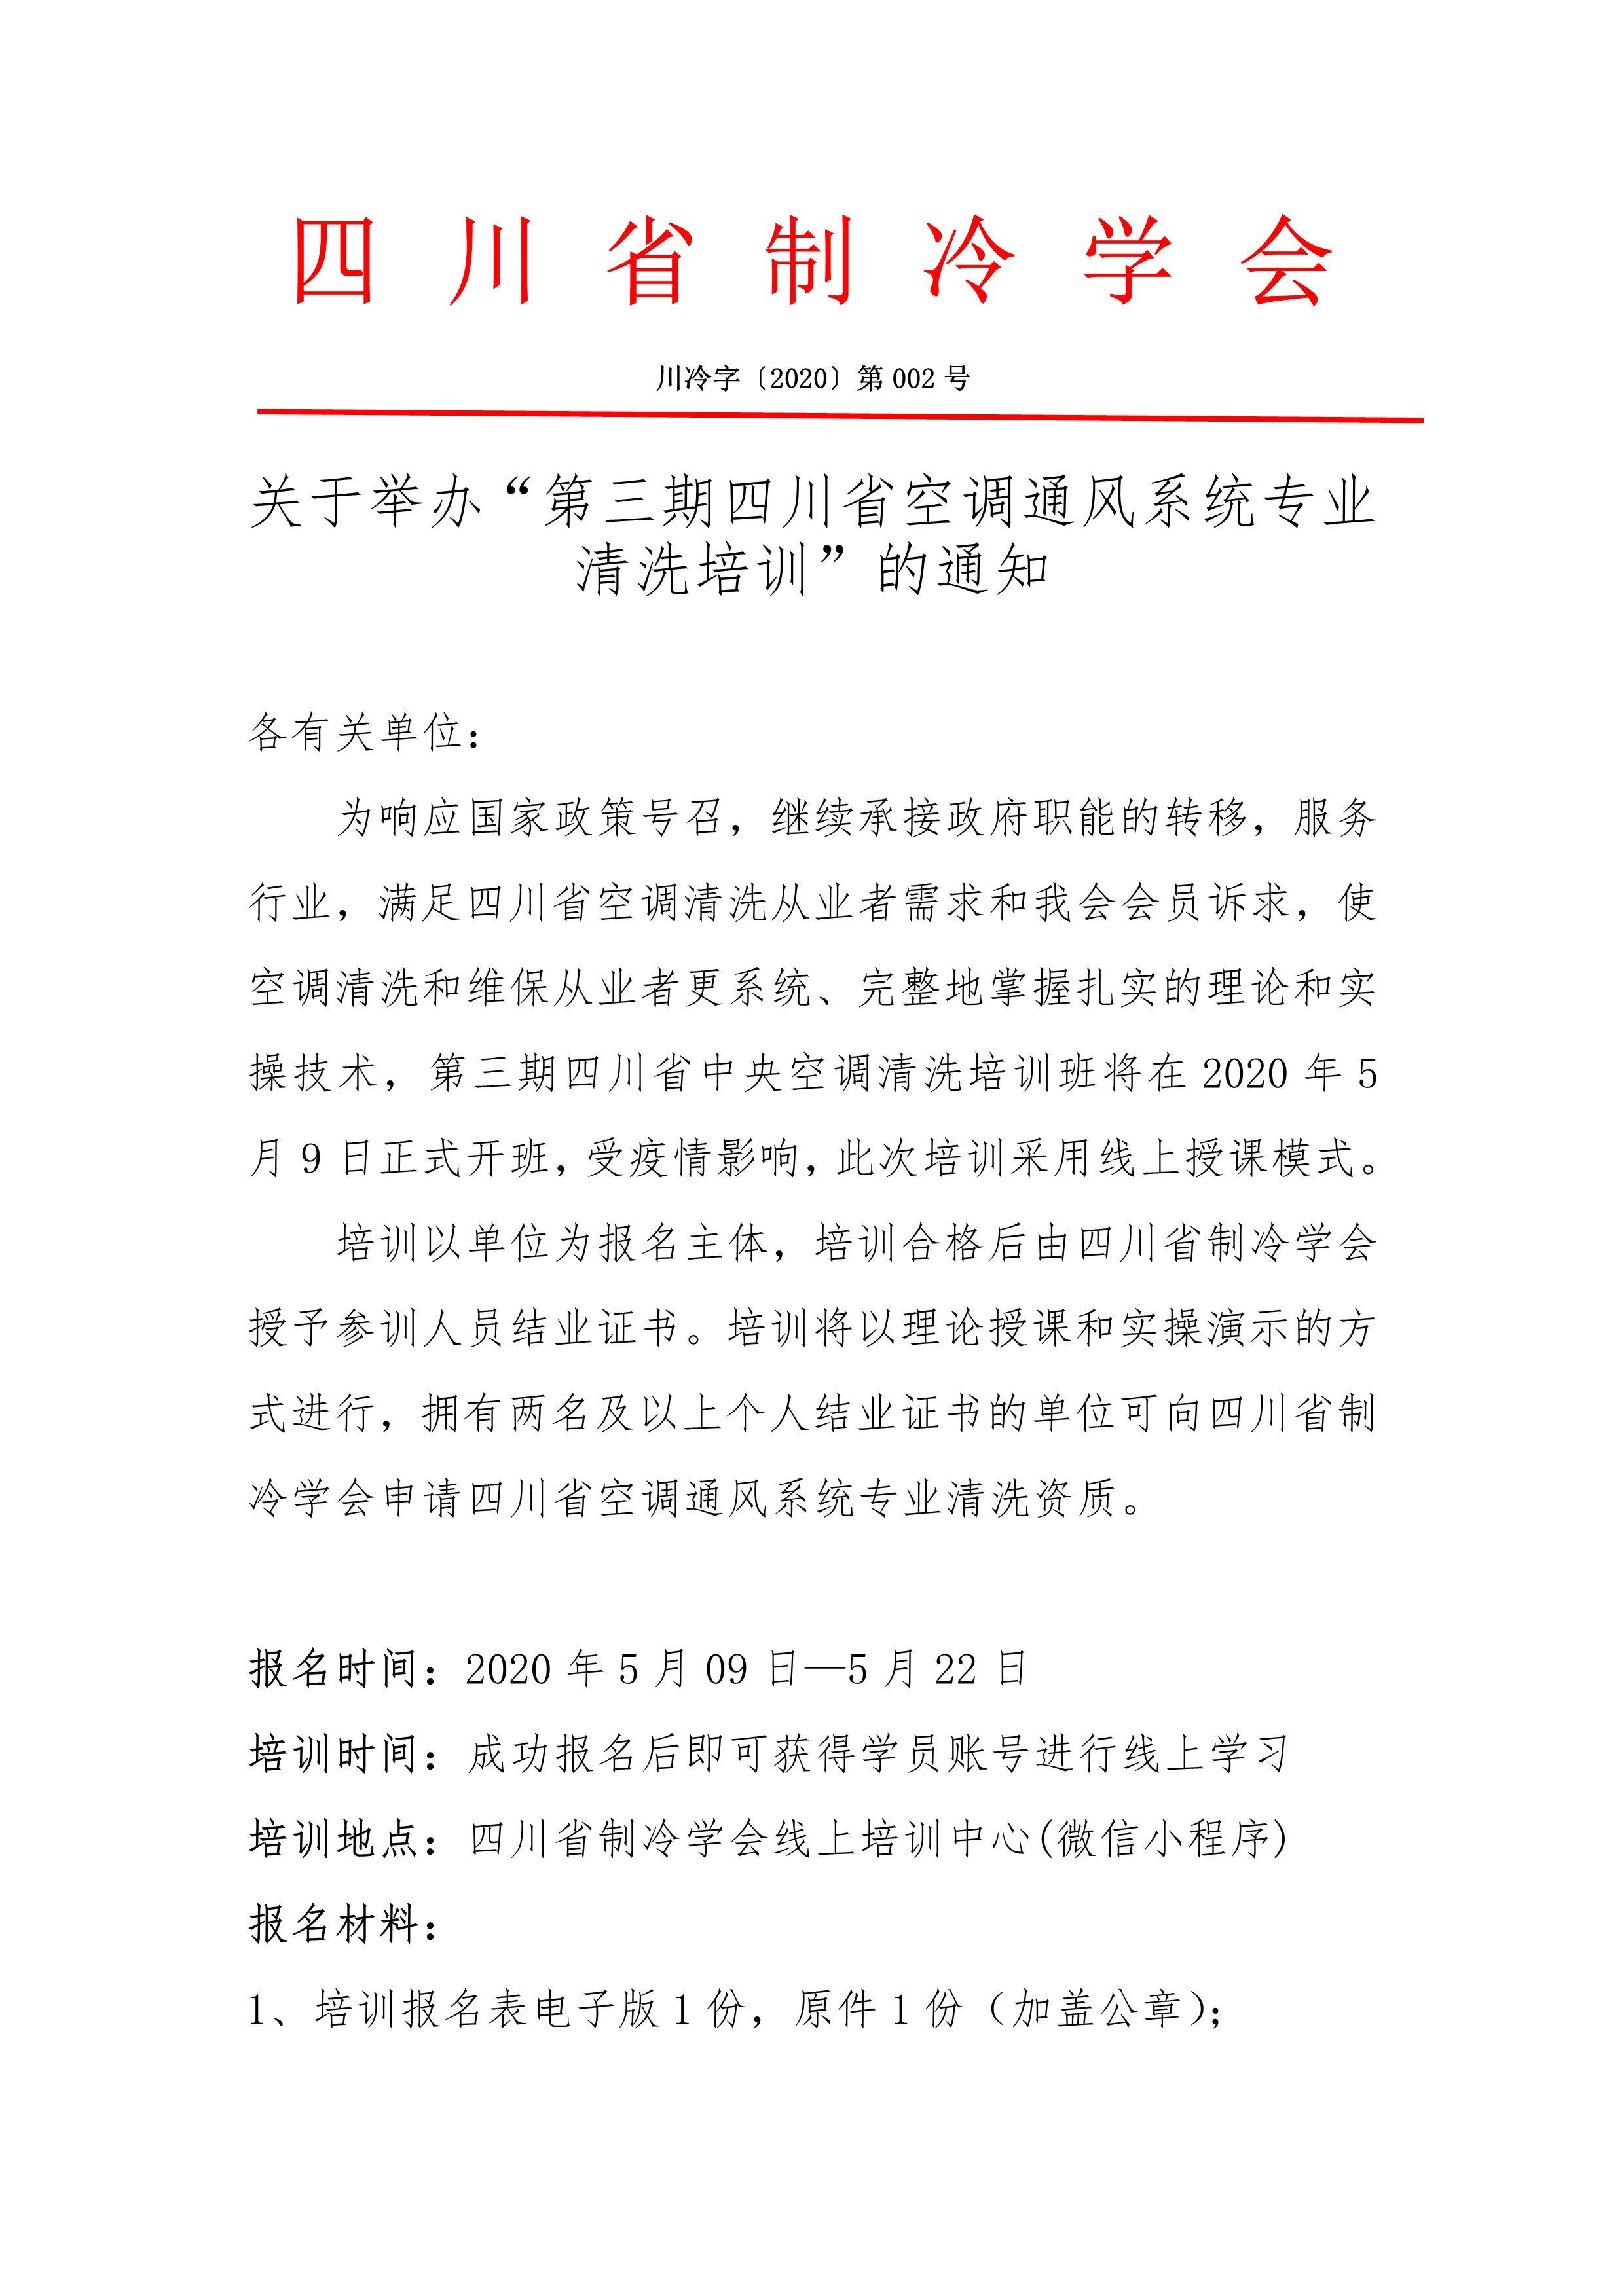 """关于举办""""第三期四川省空调通风系统专业清洗培训""""的通知"""